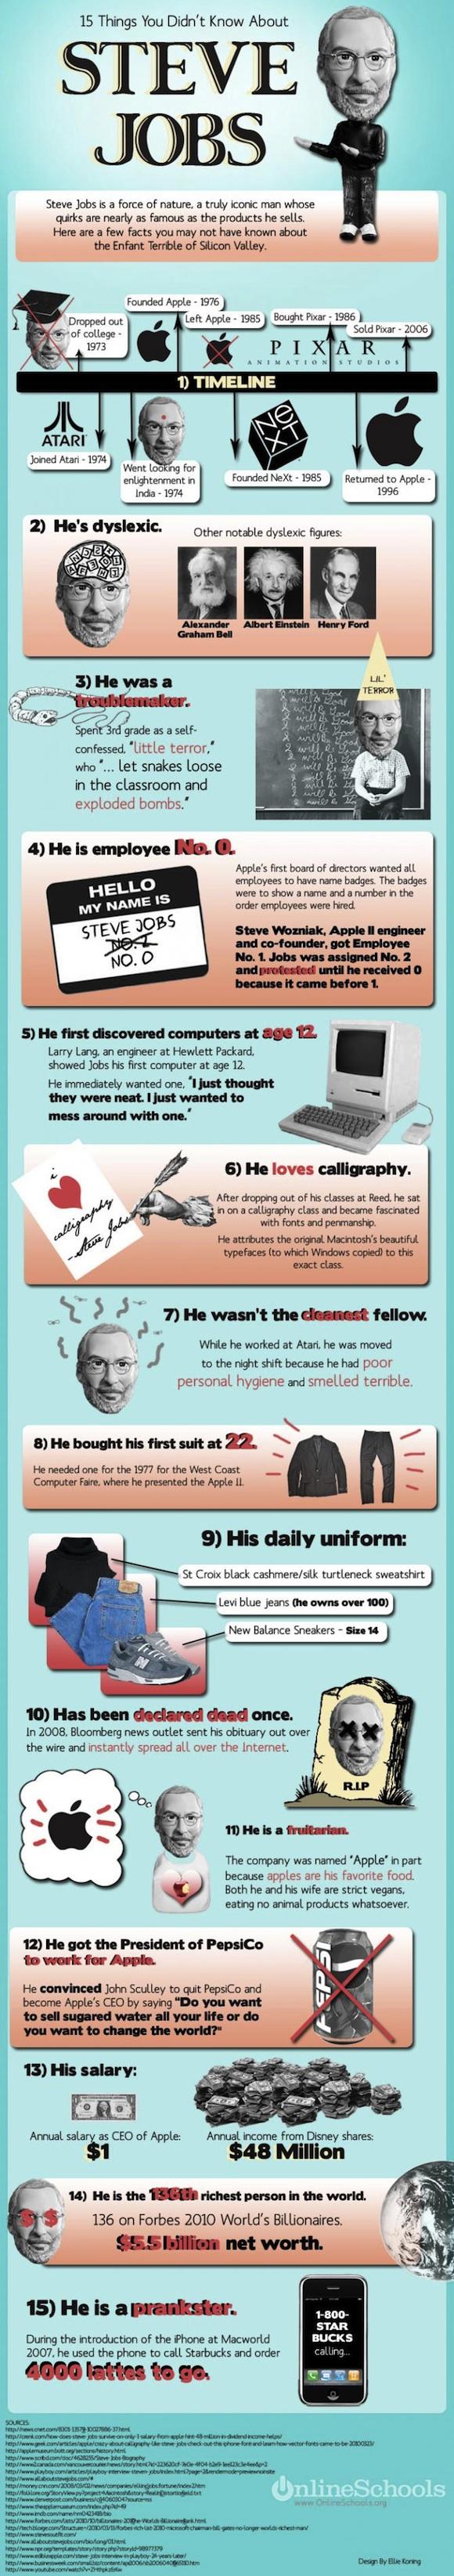 15 cosas que no sabias de Steve Jobs - Infografia